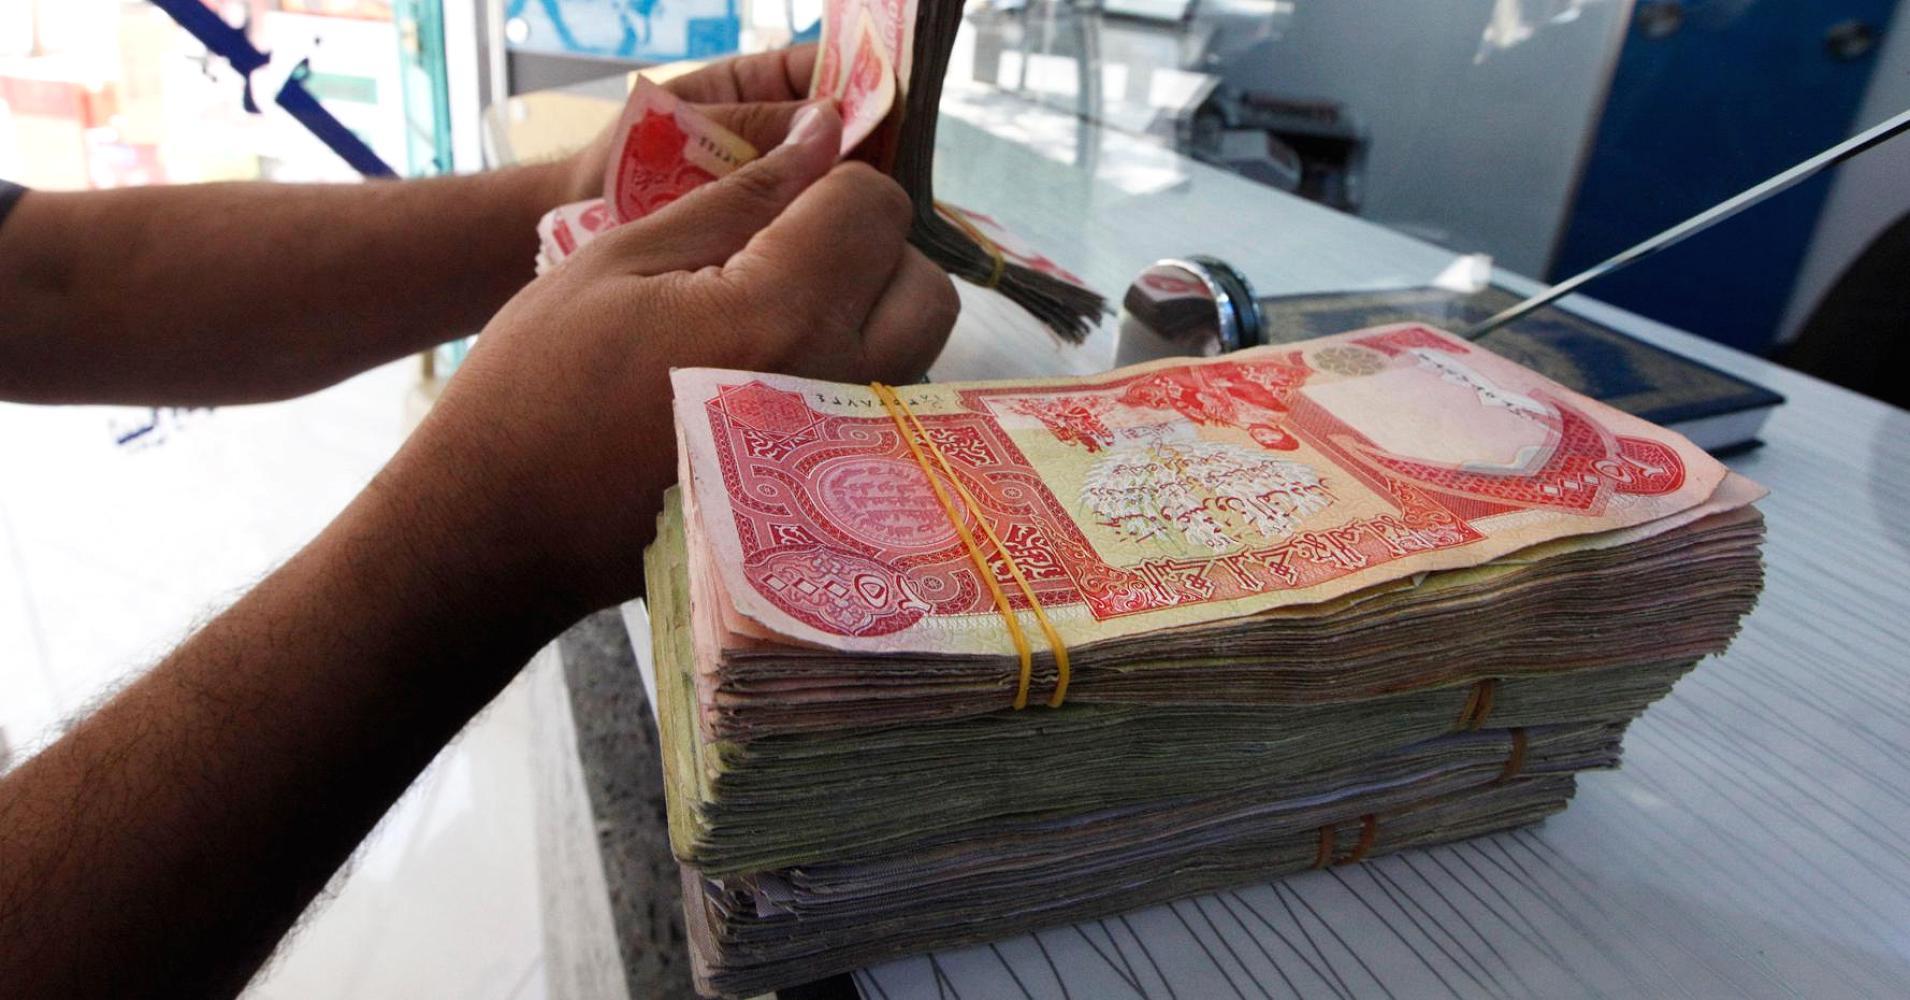 الرافدين يصدر توضيحا بشأن فرض عمولة مالية إضافية على اصحاب مكاتب المنافذ